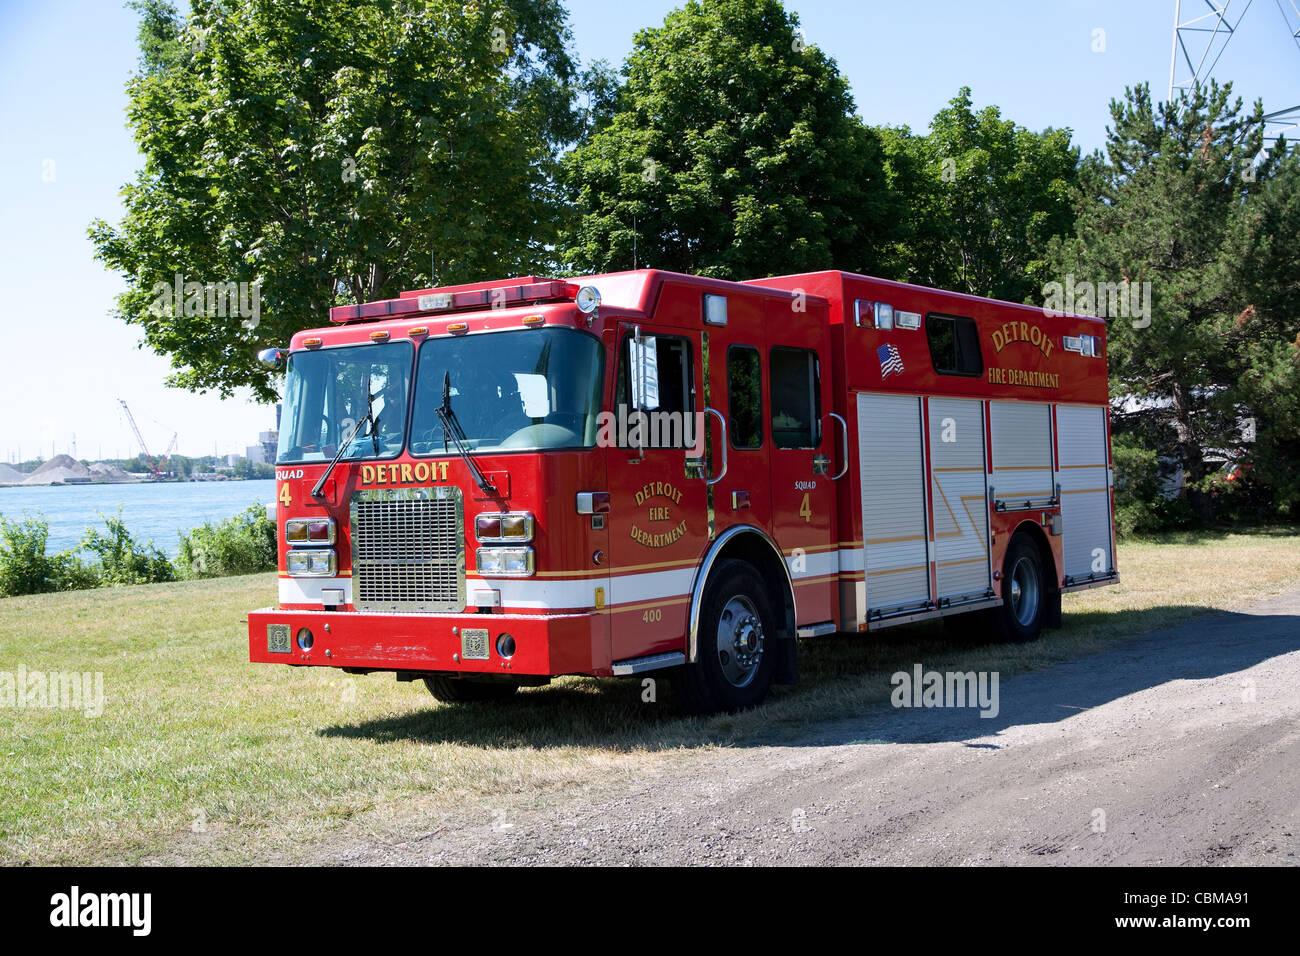 Tactical Man Power Rescue Squad 4 Detroit Fire Department Detroit Michigan - Stock Image